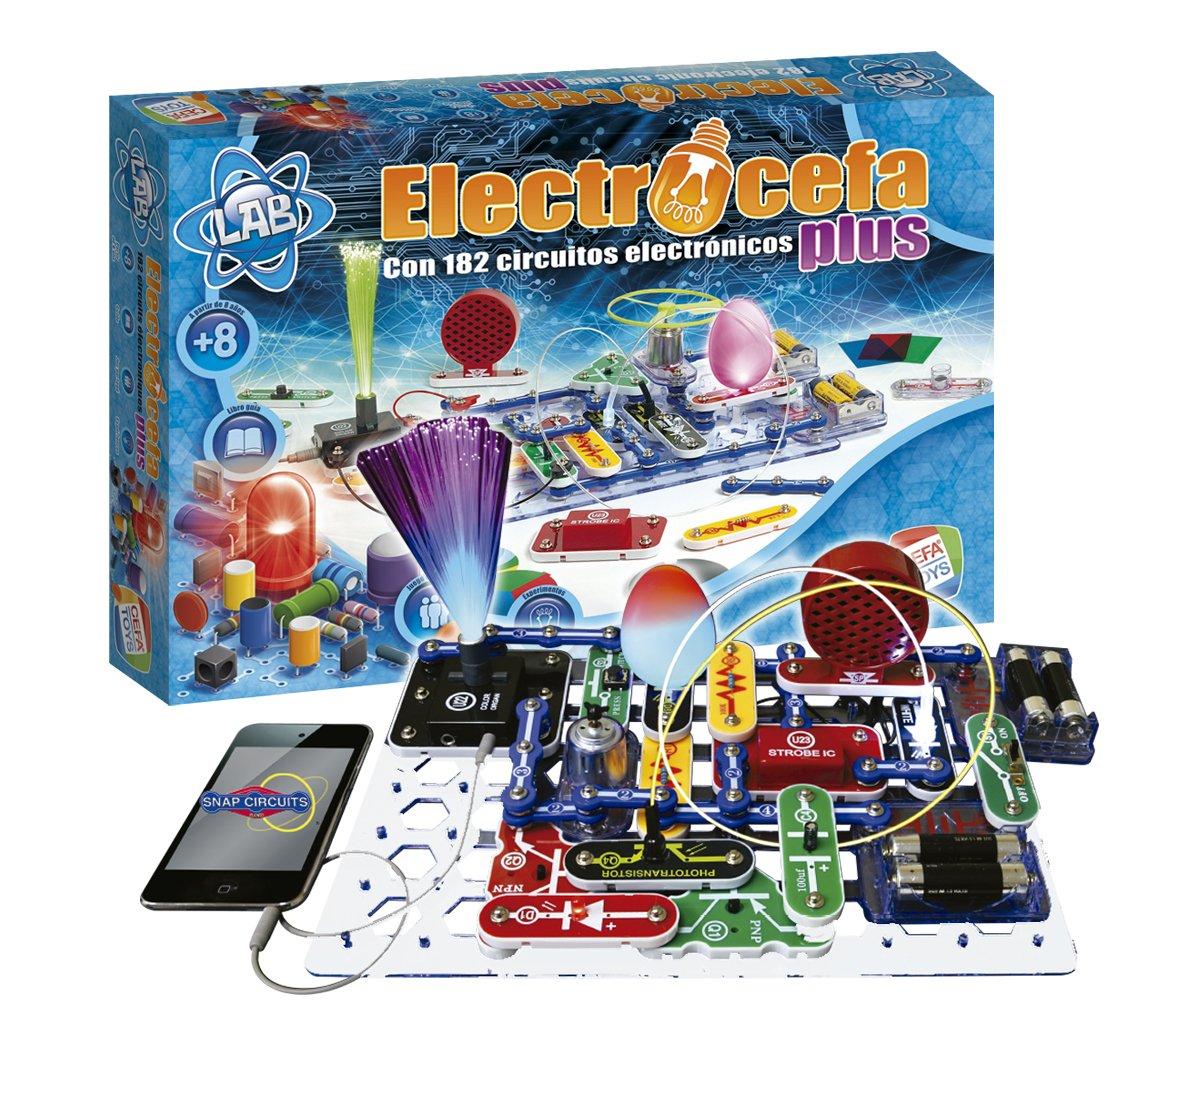 Cefa Toys Elektronik Elektrocephalus Plus